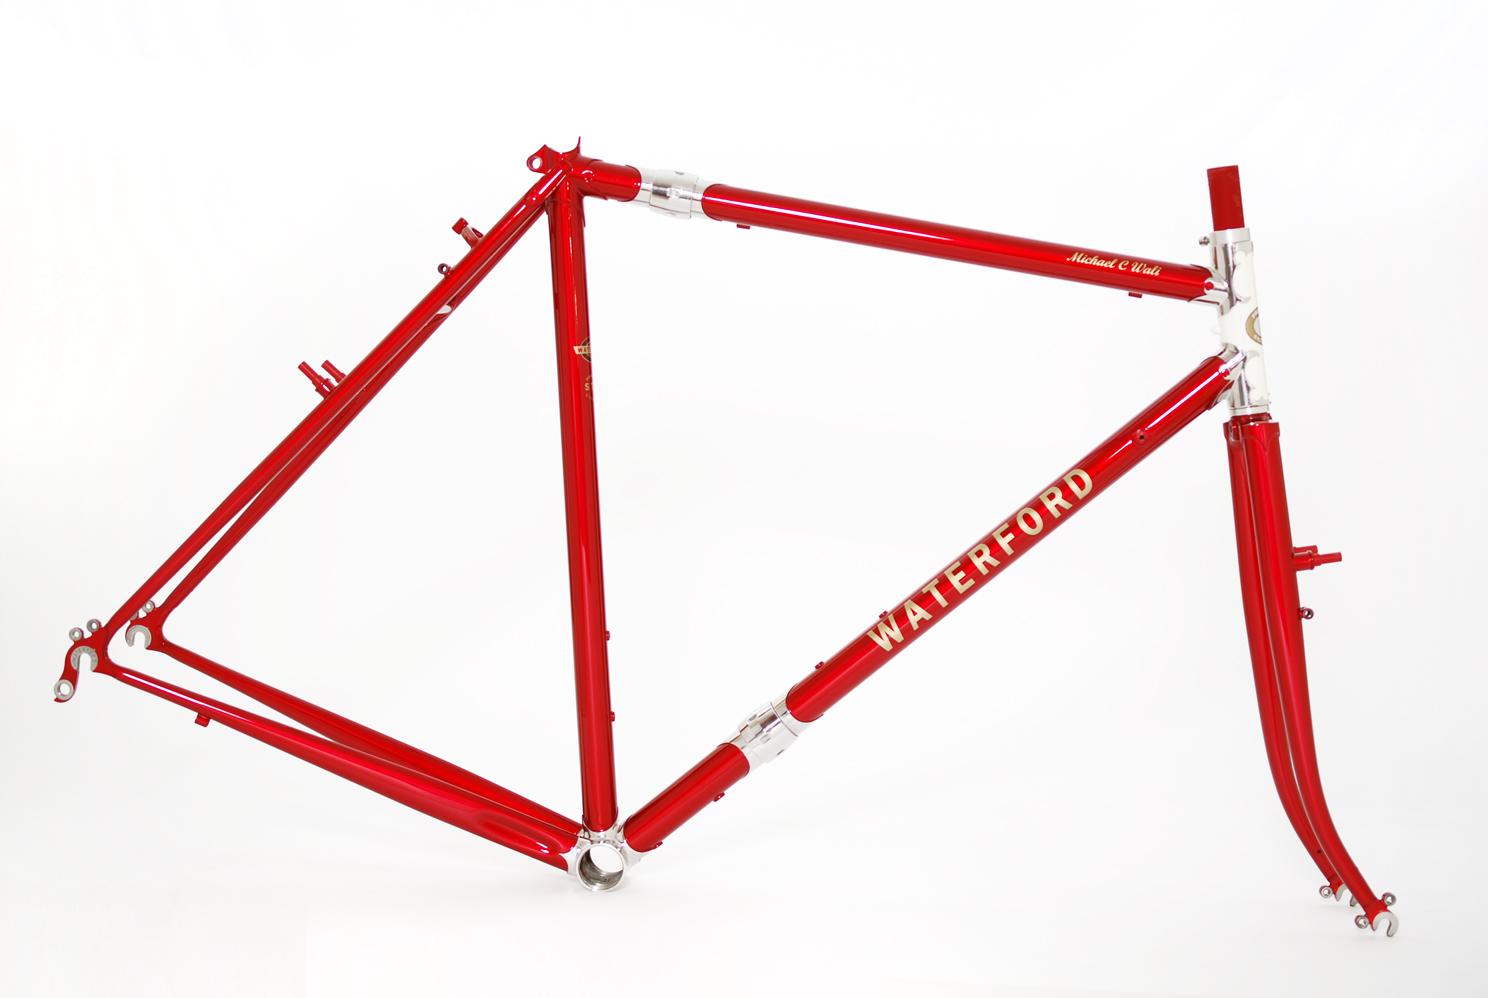 fullbike_web.jpg